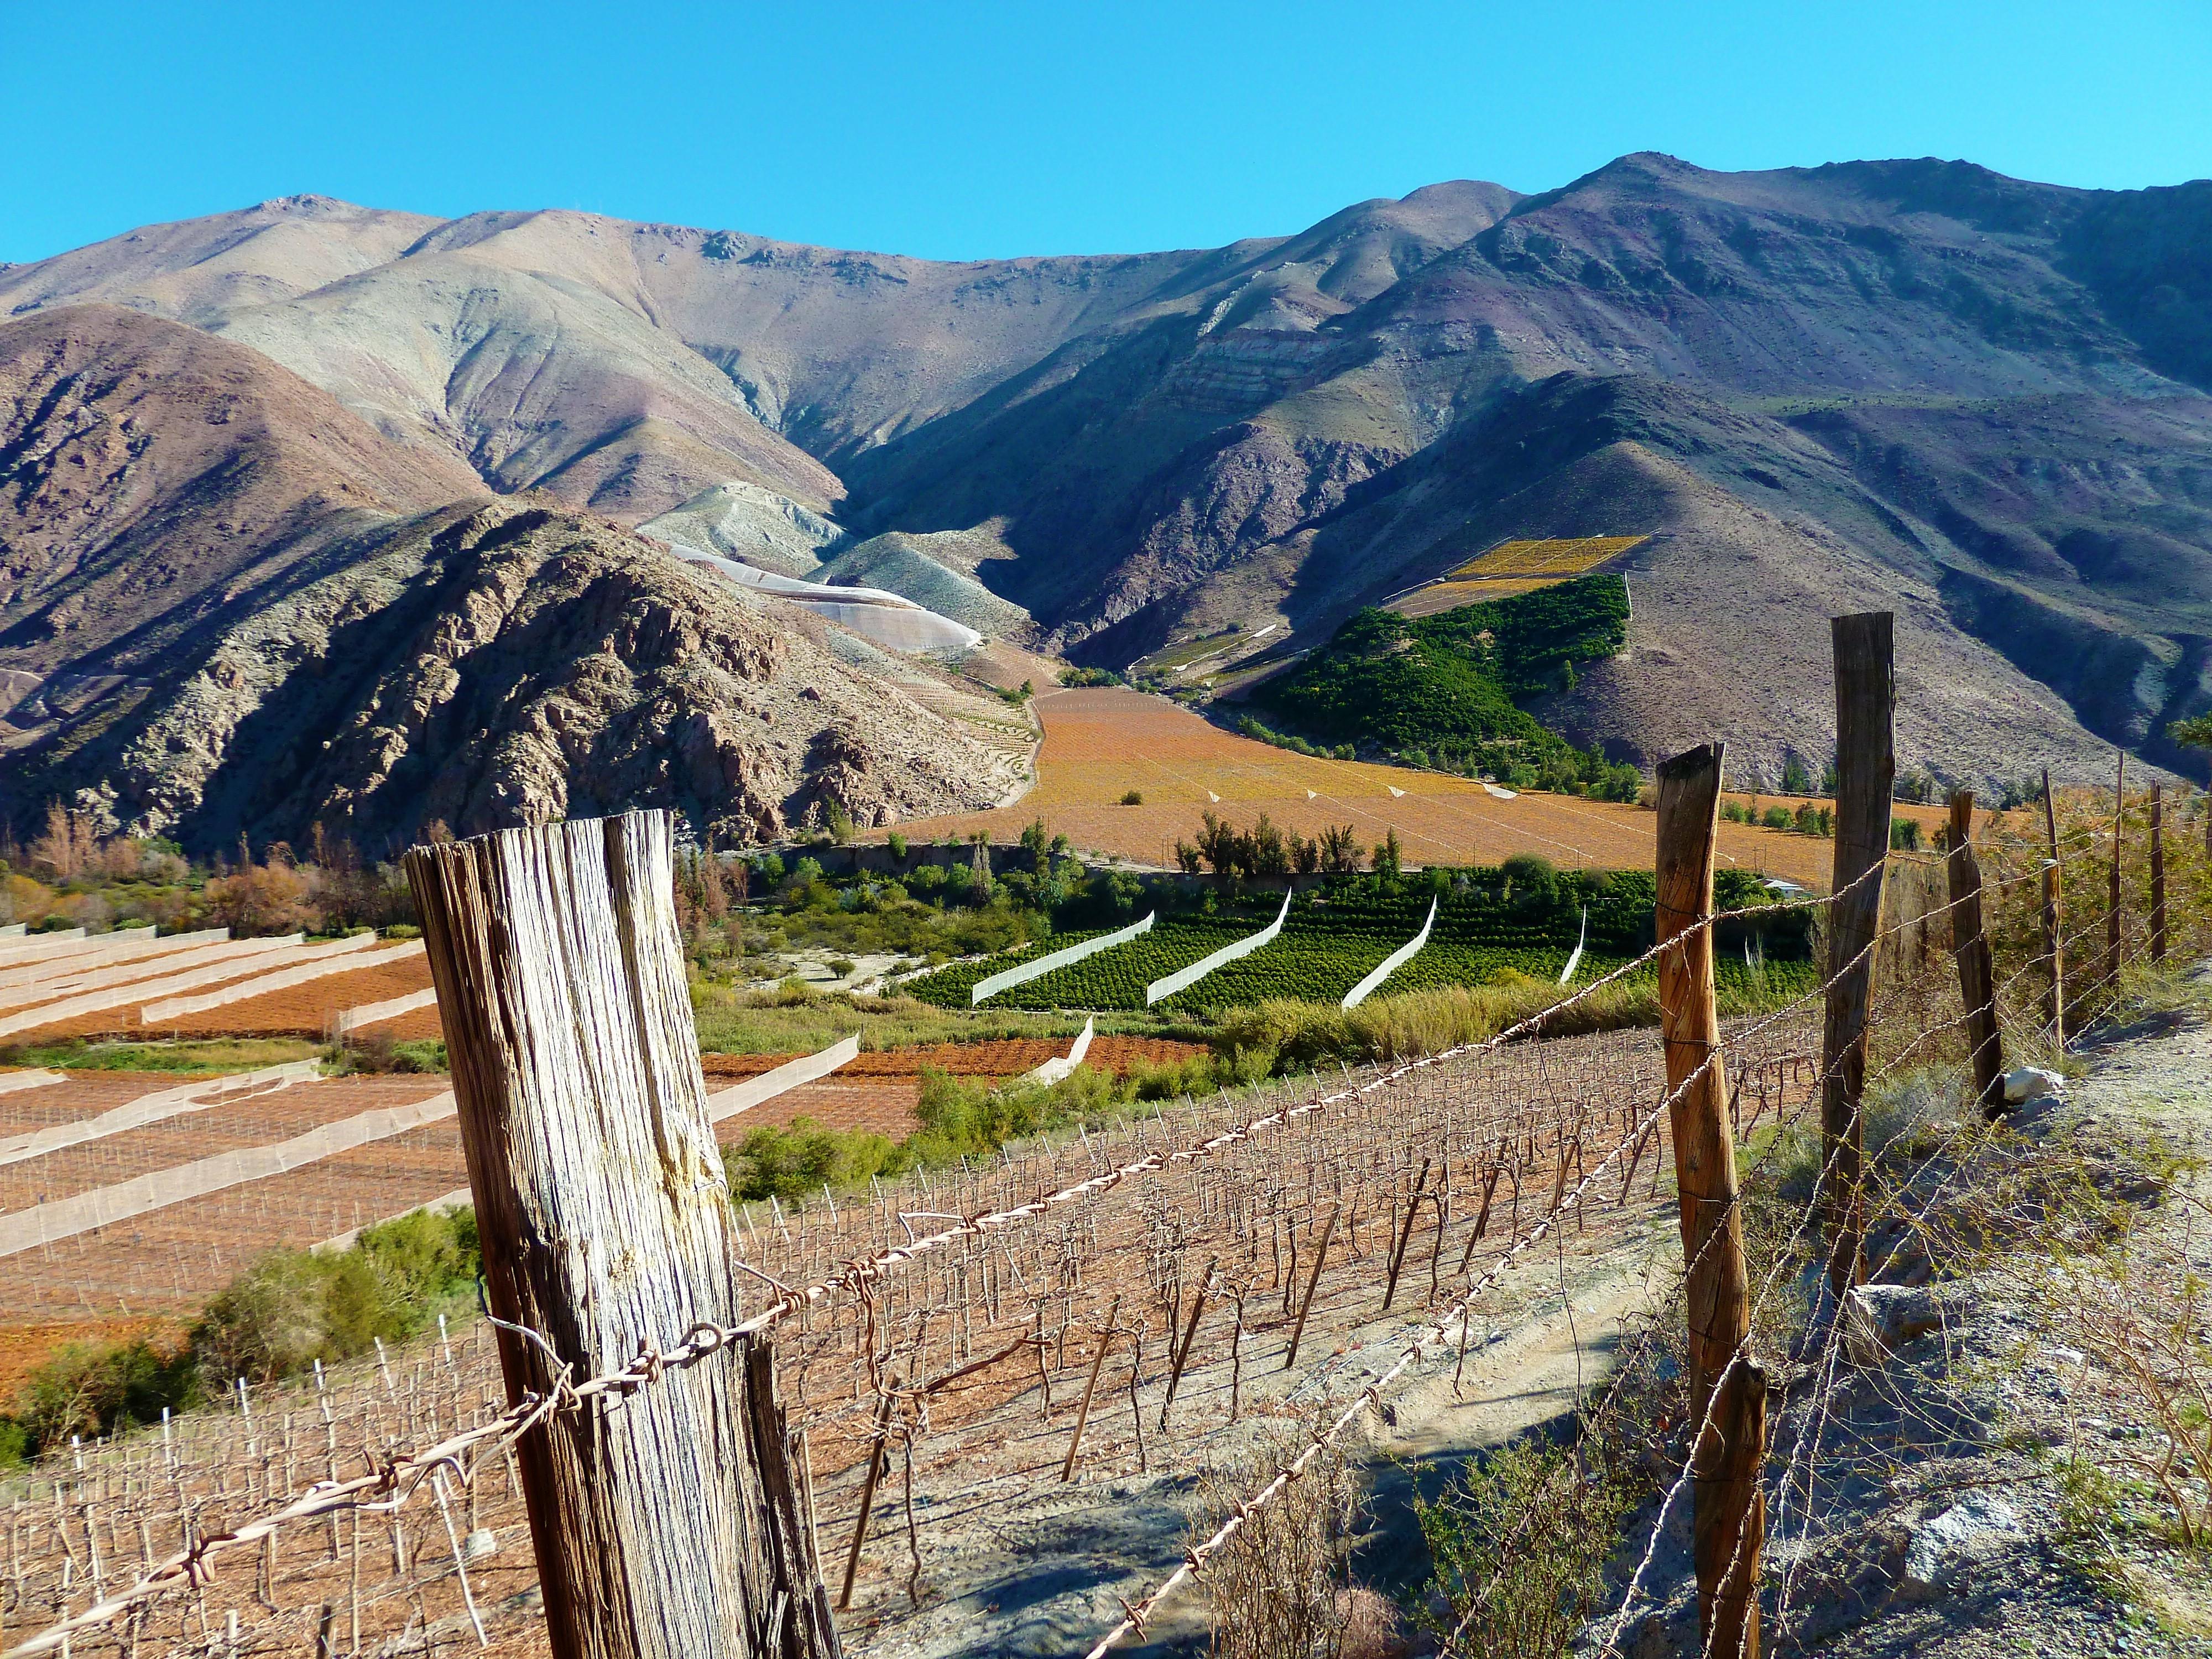 Un road-trip dans la vallée de l'Elqui, par Clémence et Nicolas